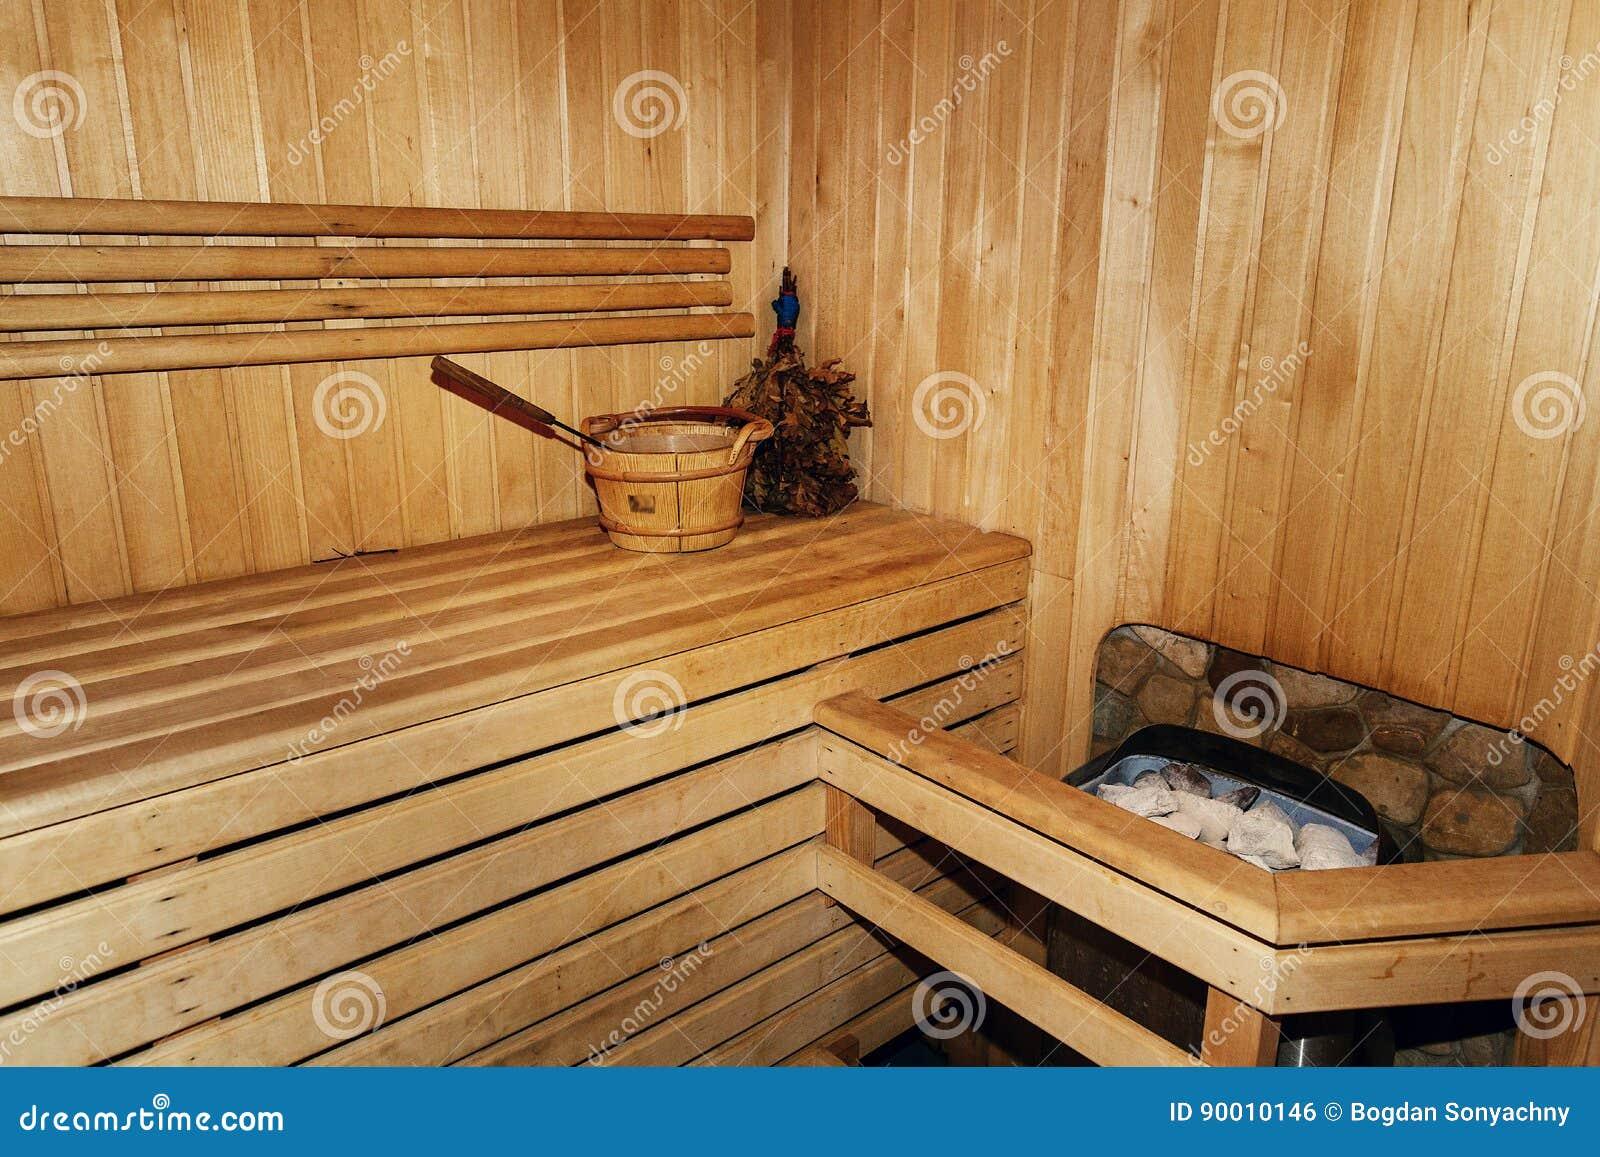 Bagno Legno Rustico : La stanza di legno russa di sauna taglia legna il banco rustico